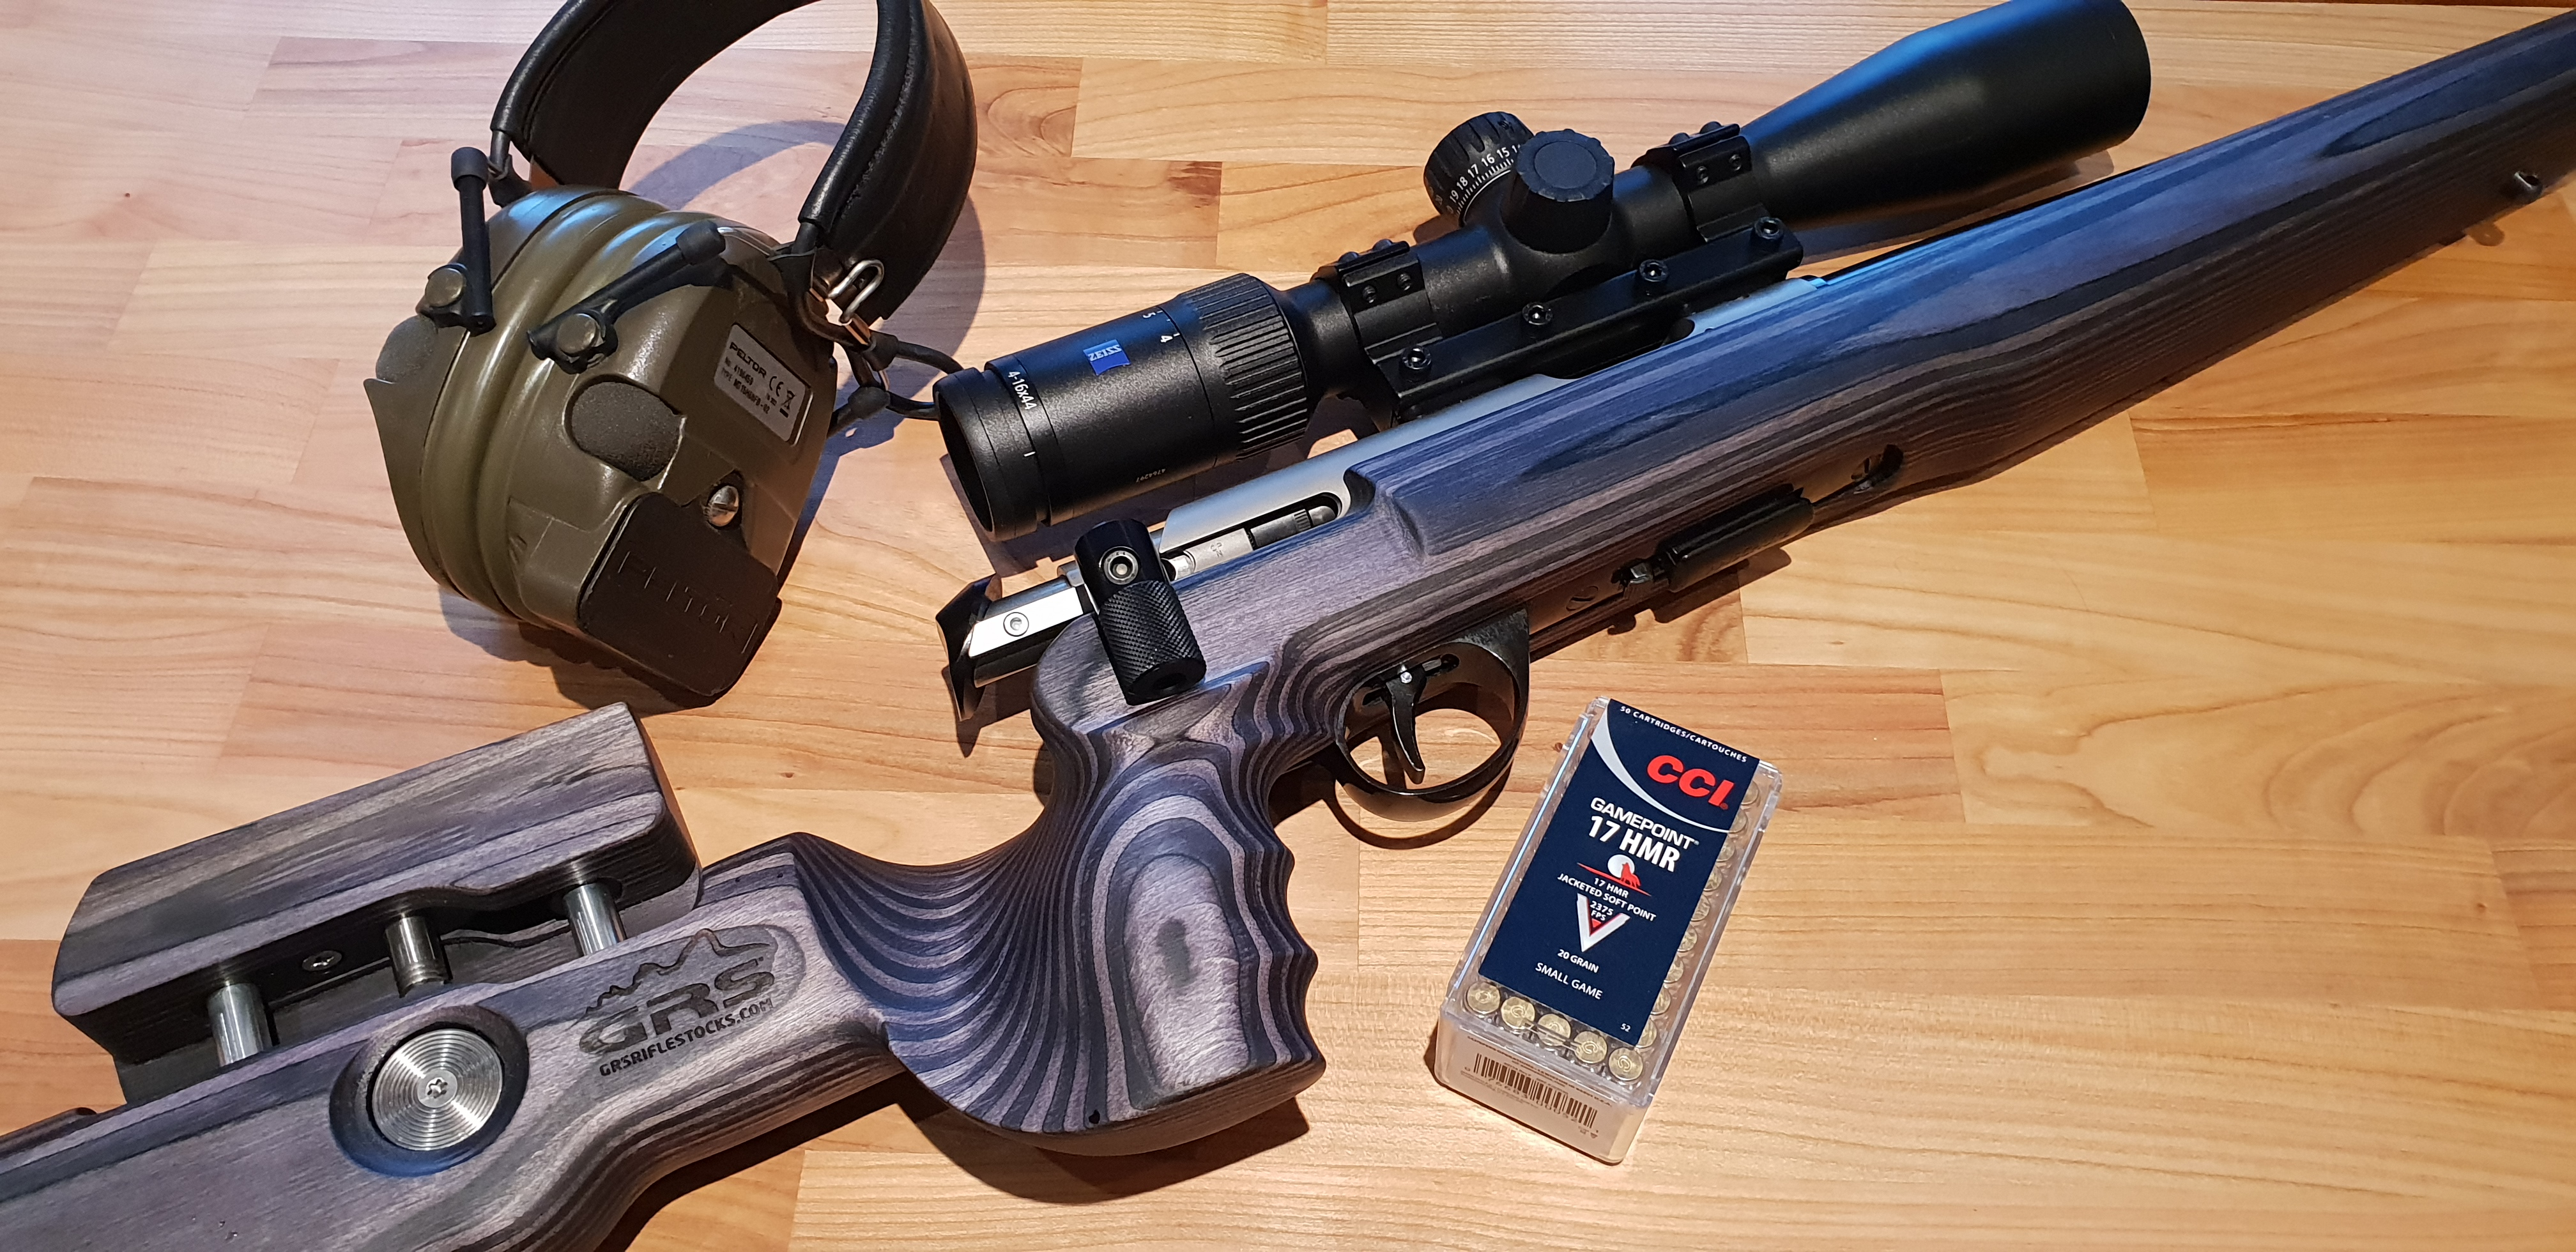 GRS Ancshutz rifle